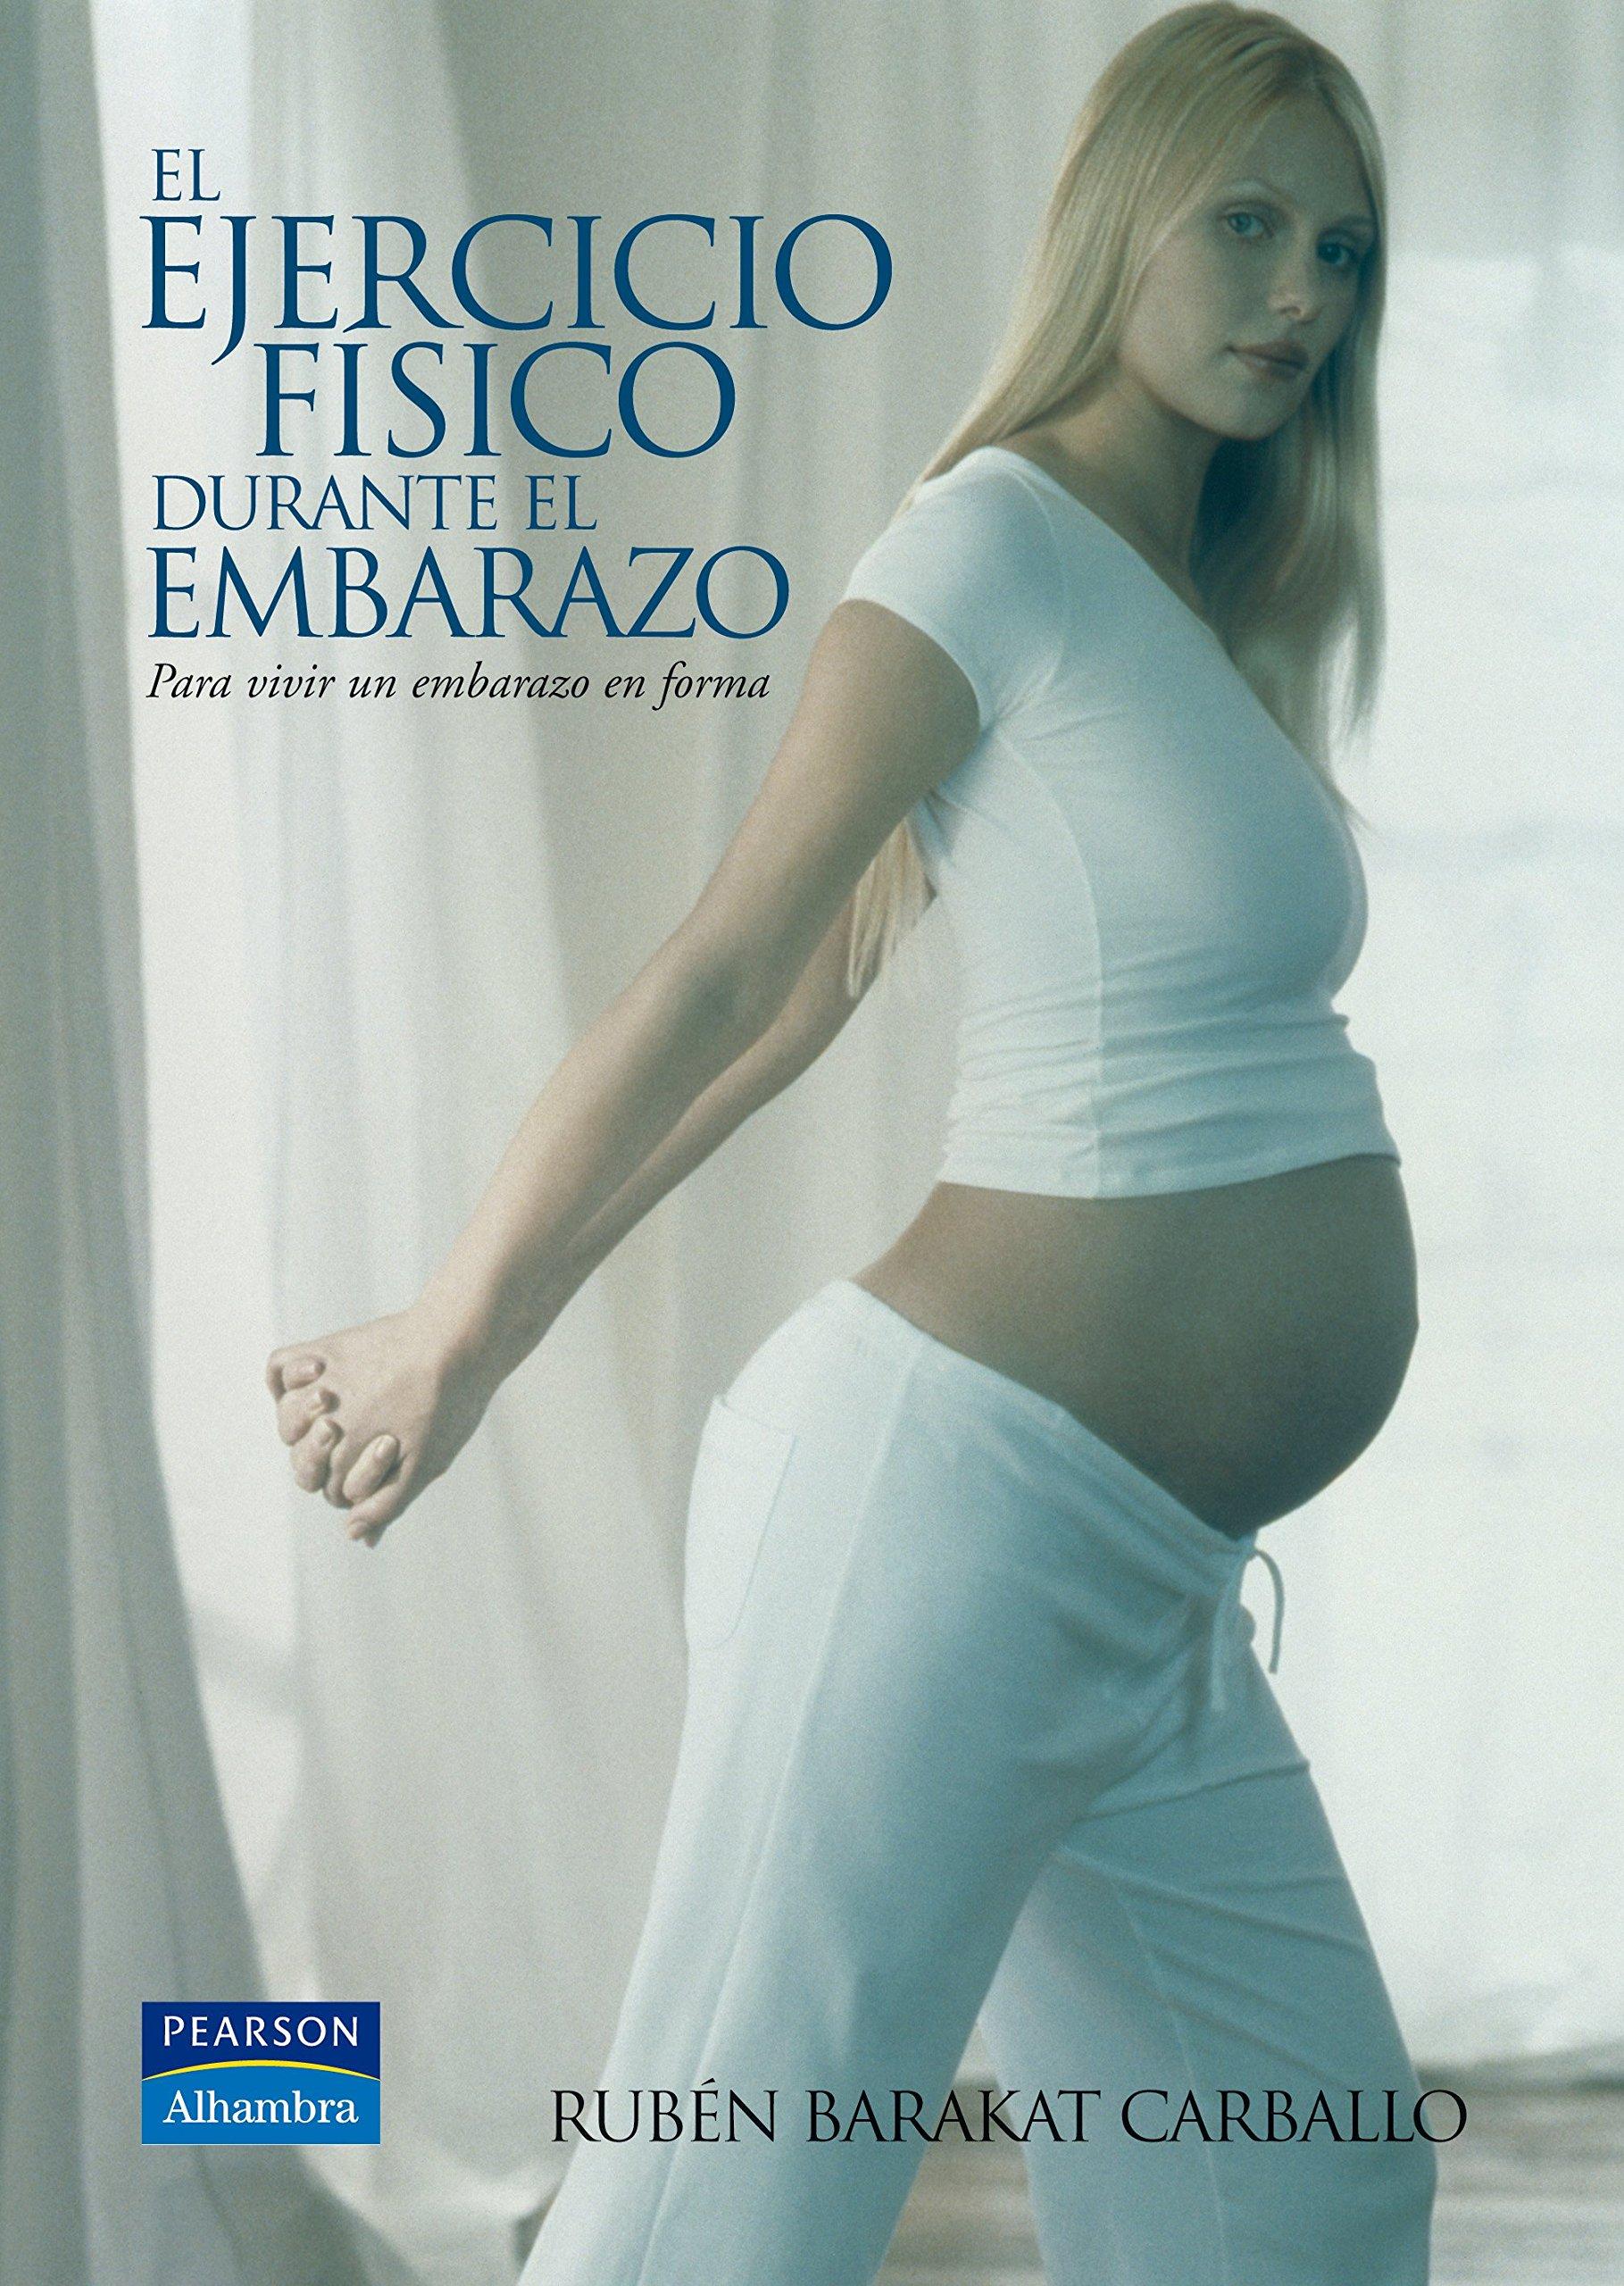 El Ejercicio Fisico Durante El Embarazo: RUBEN BARAKAT ...